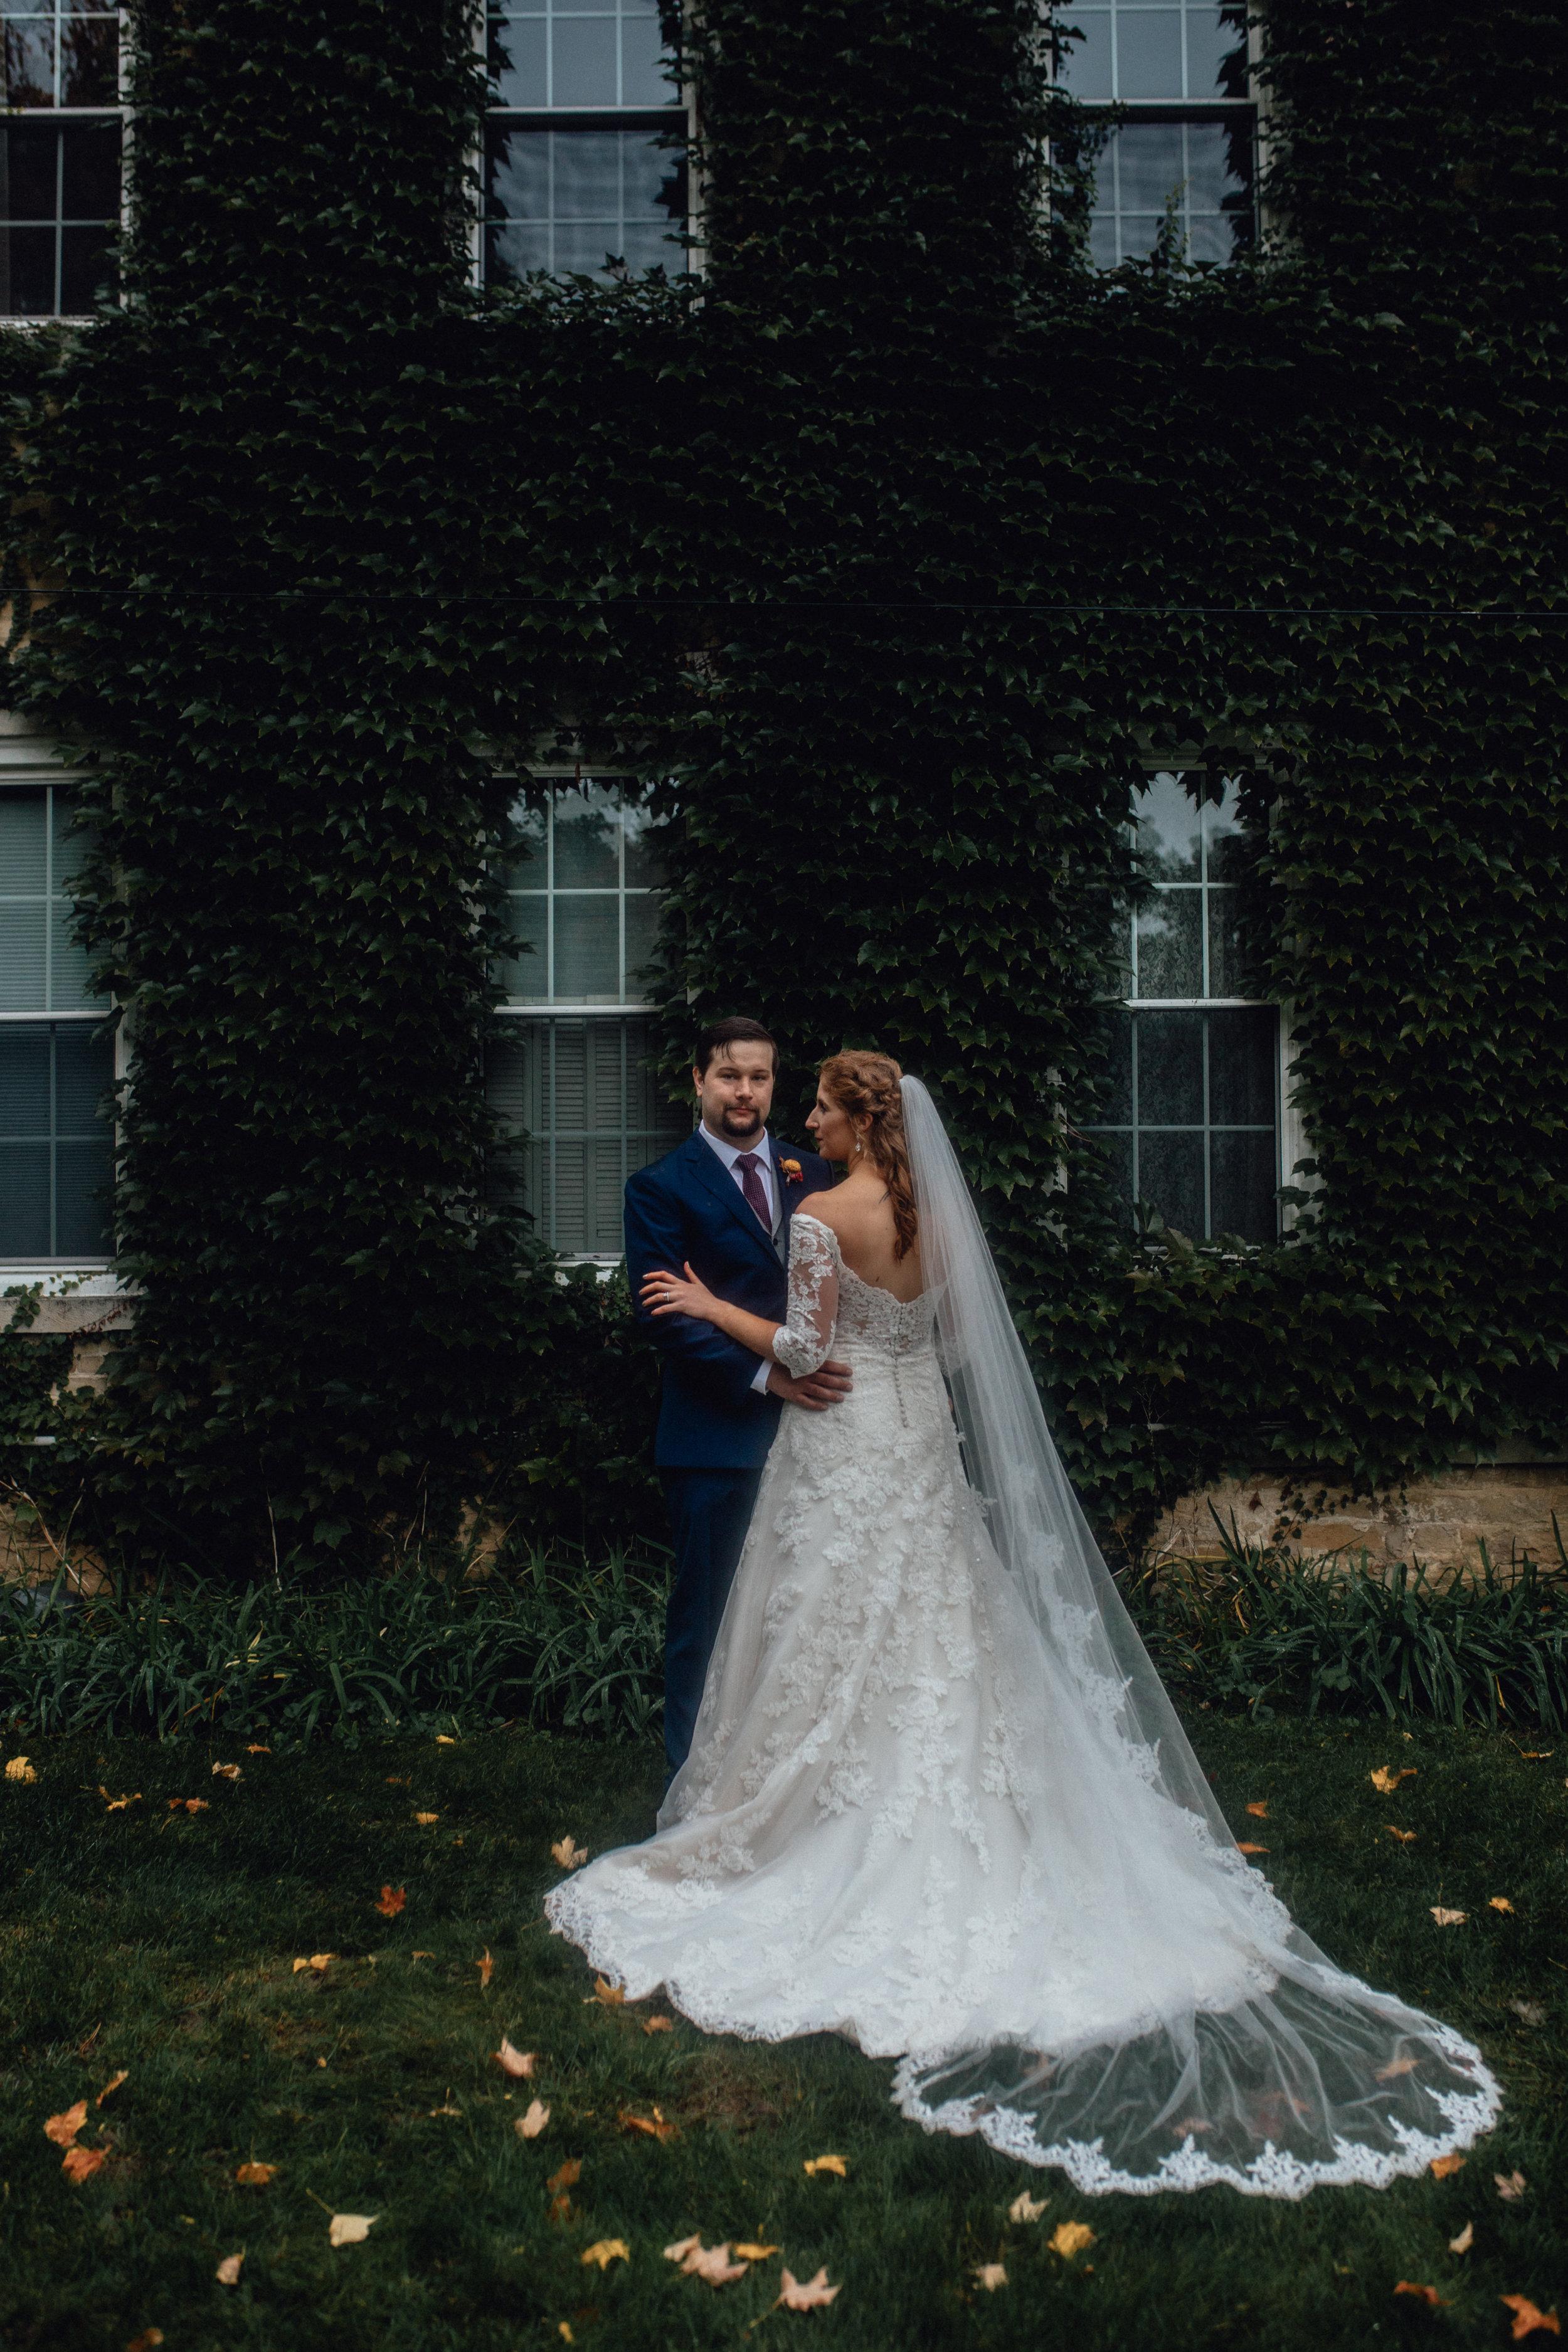 bride-groom-portrait-at-RUSTIC-MANOR-1848-vines.jpg